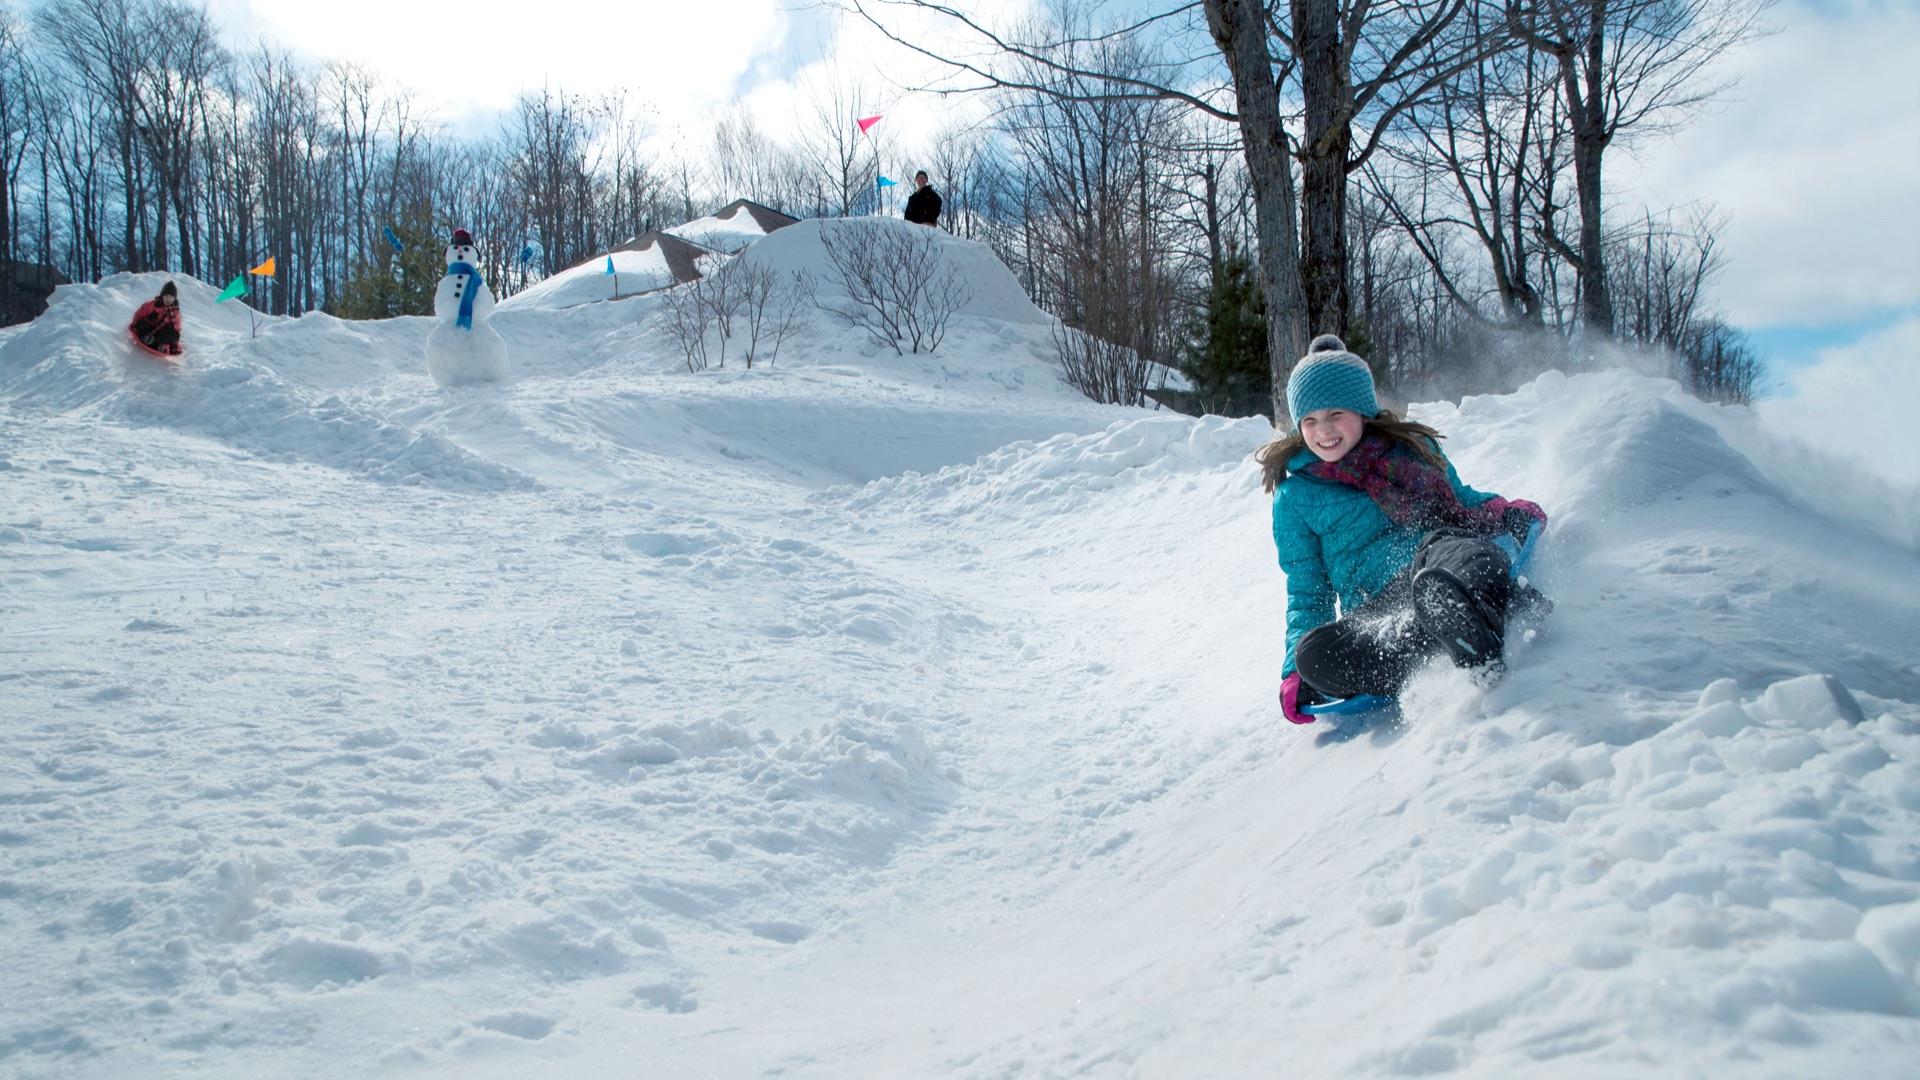 girl sledding down homemade snow track